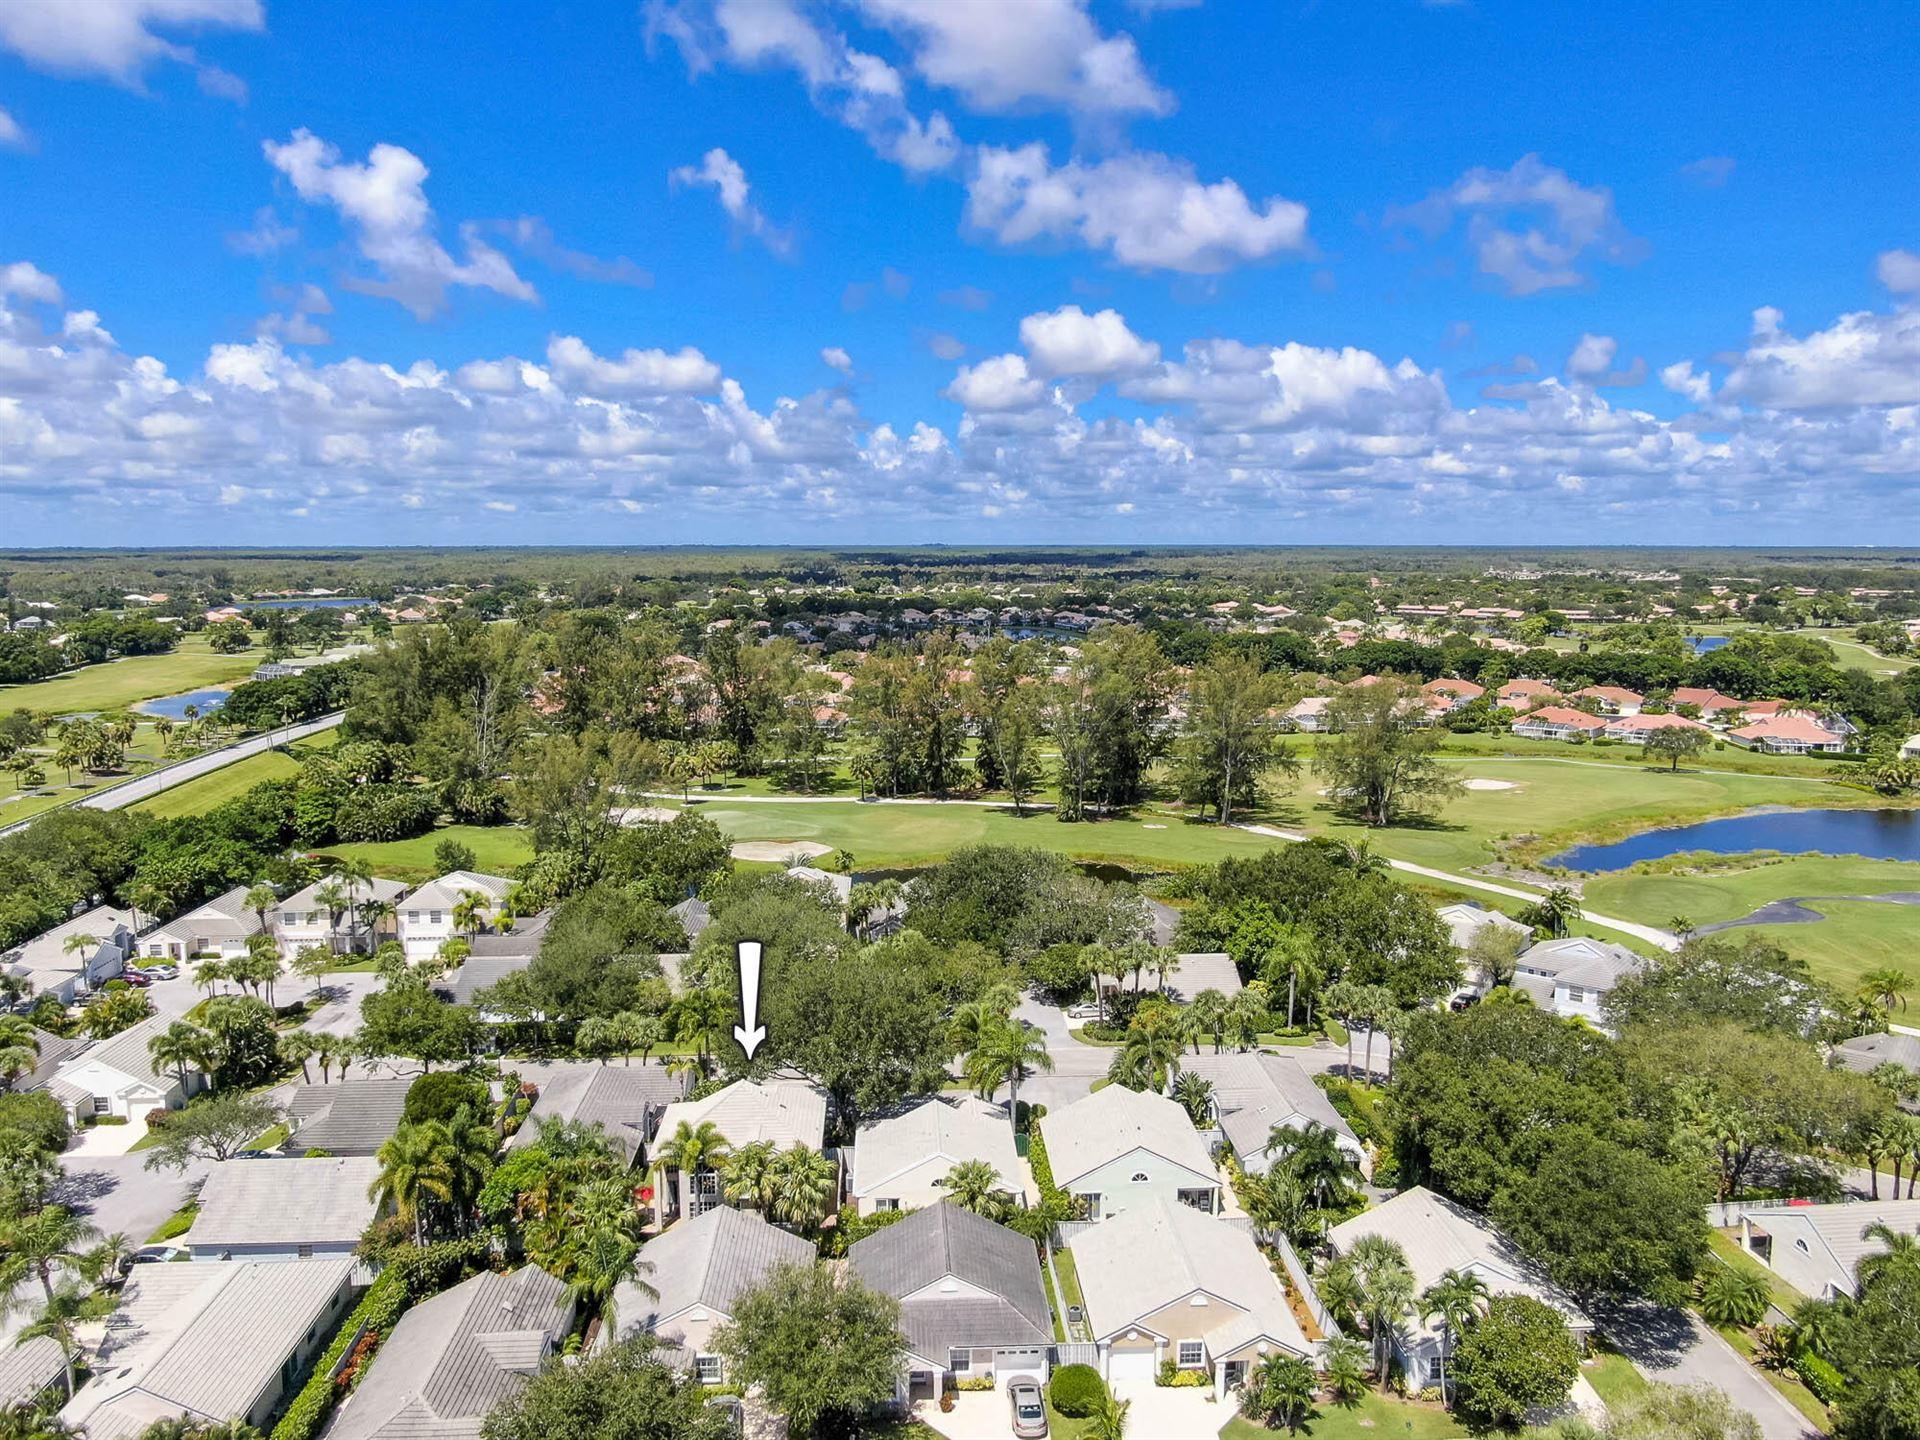 Photo of 26 Admirals Court, Palm Beach Gardens, FL 33418 (MLS # RX-10740397)